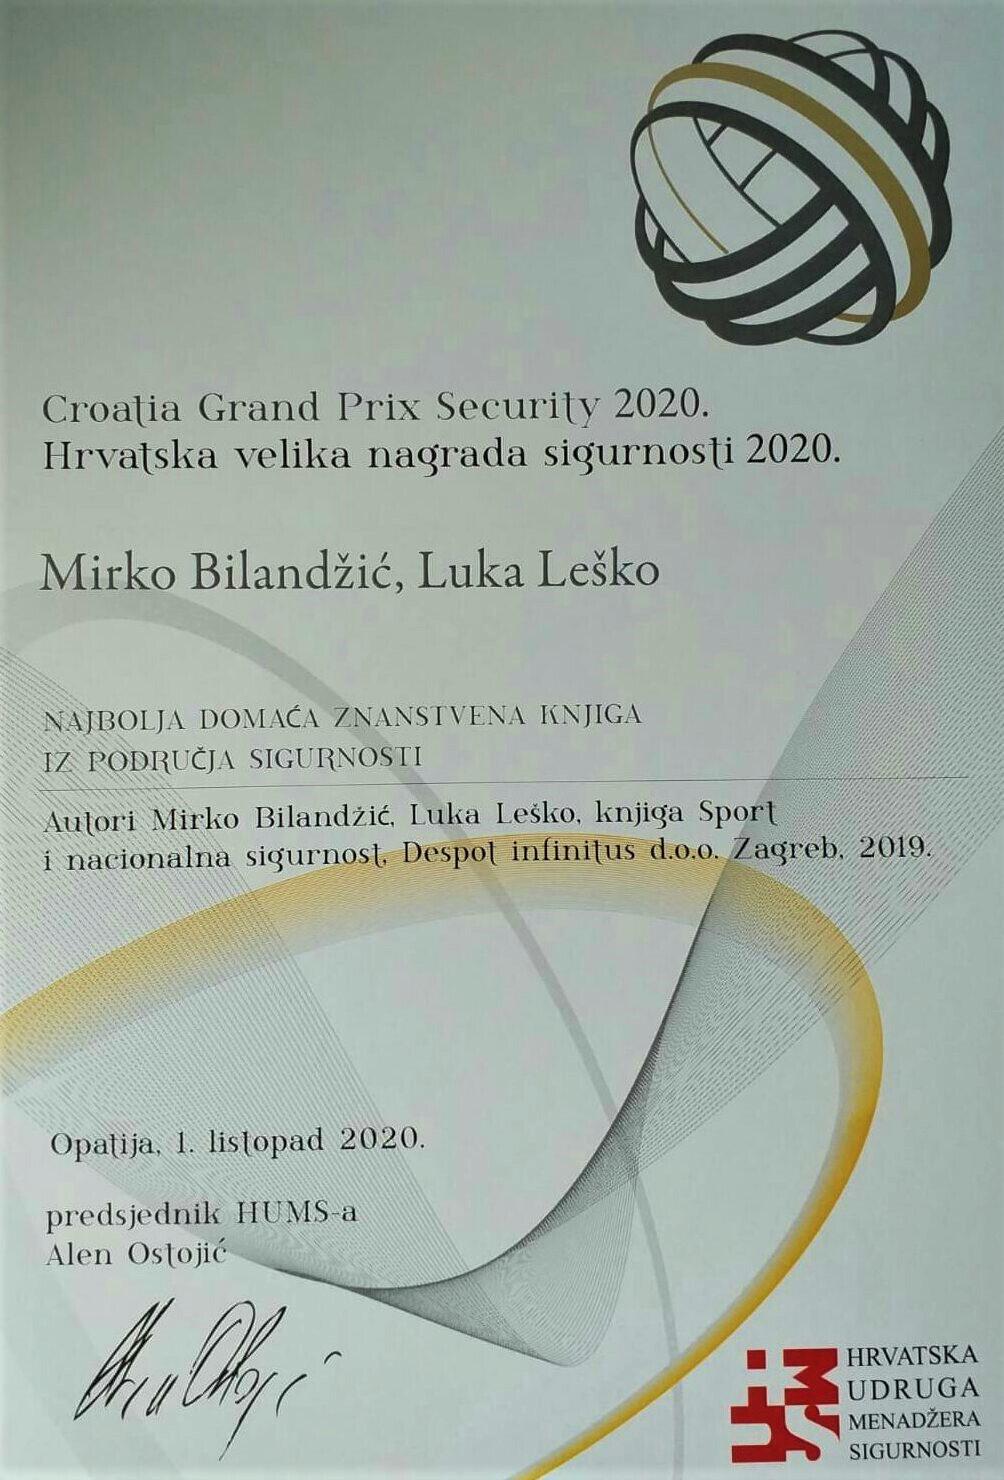 IMG-20201001-WA0006_1